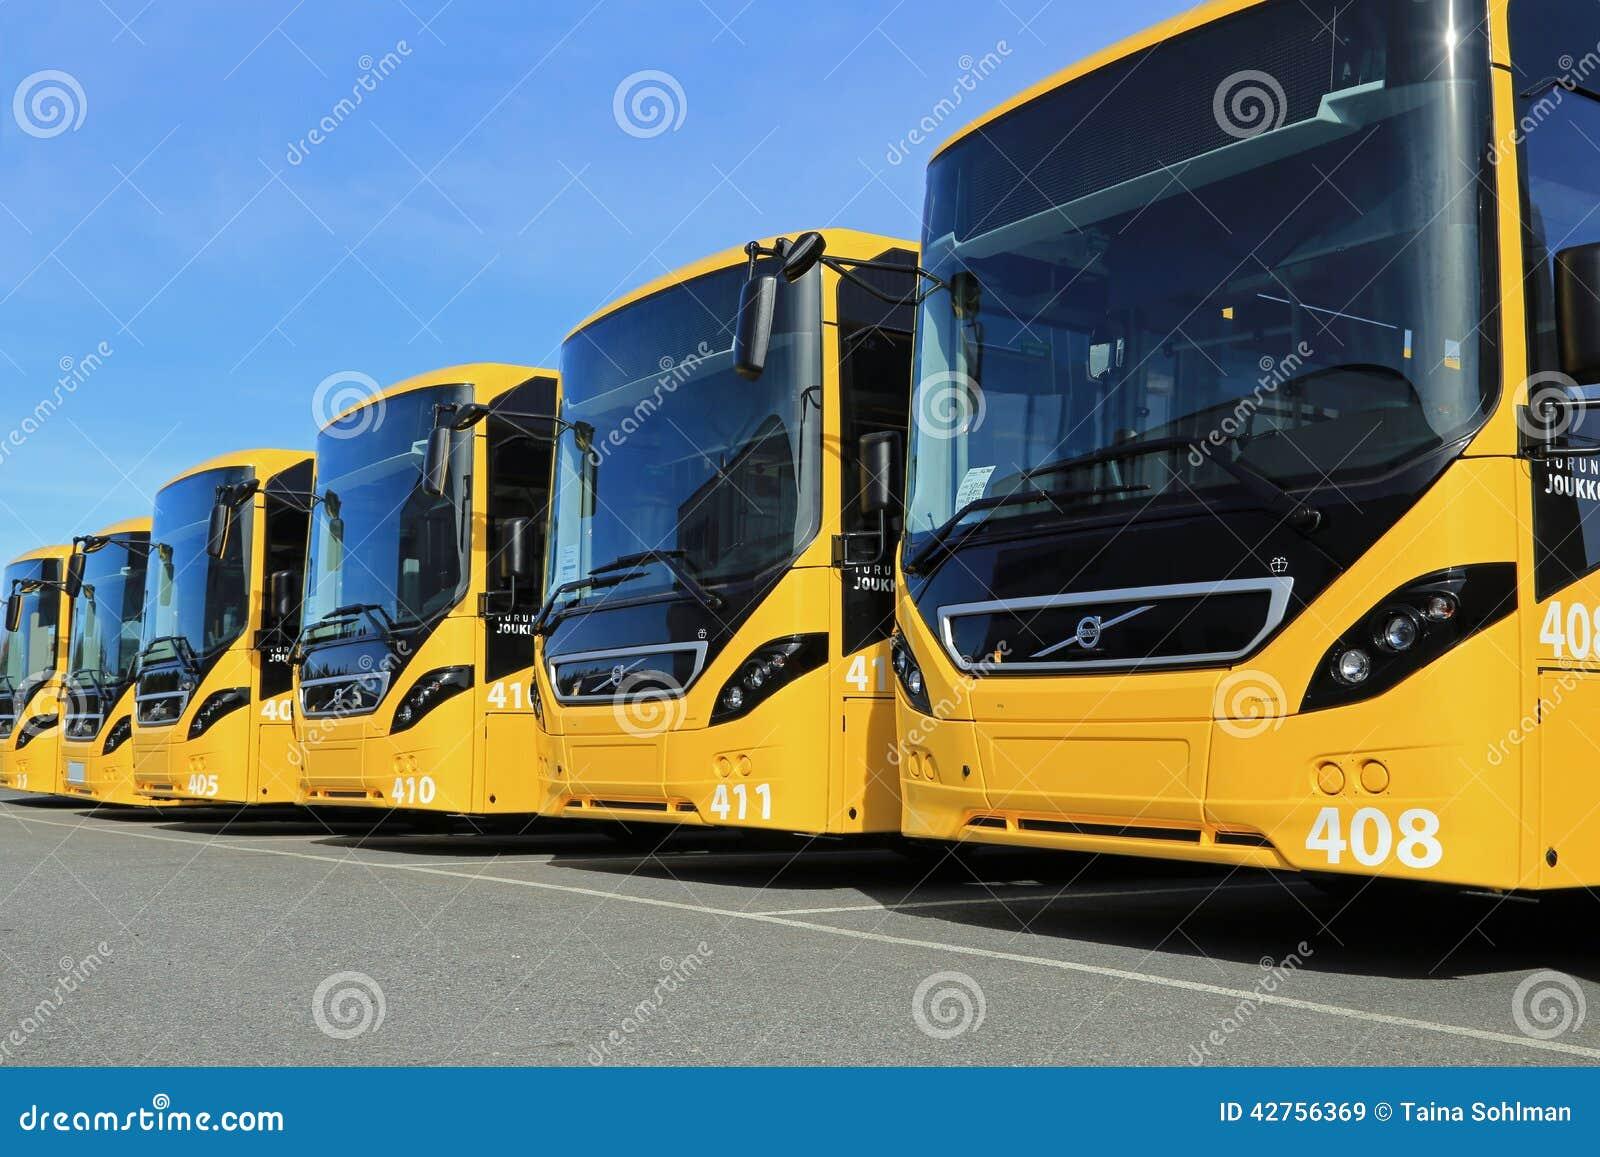 黄色富豪集团行8900辆城市间的公共汽车